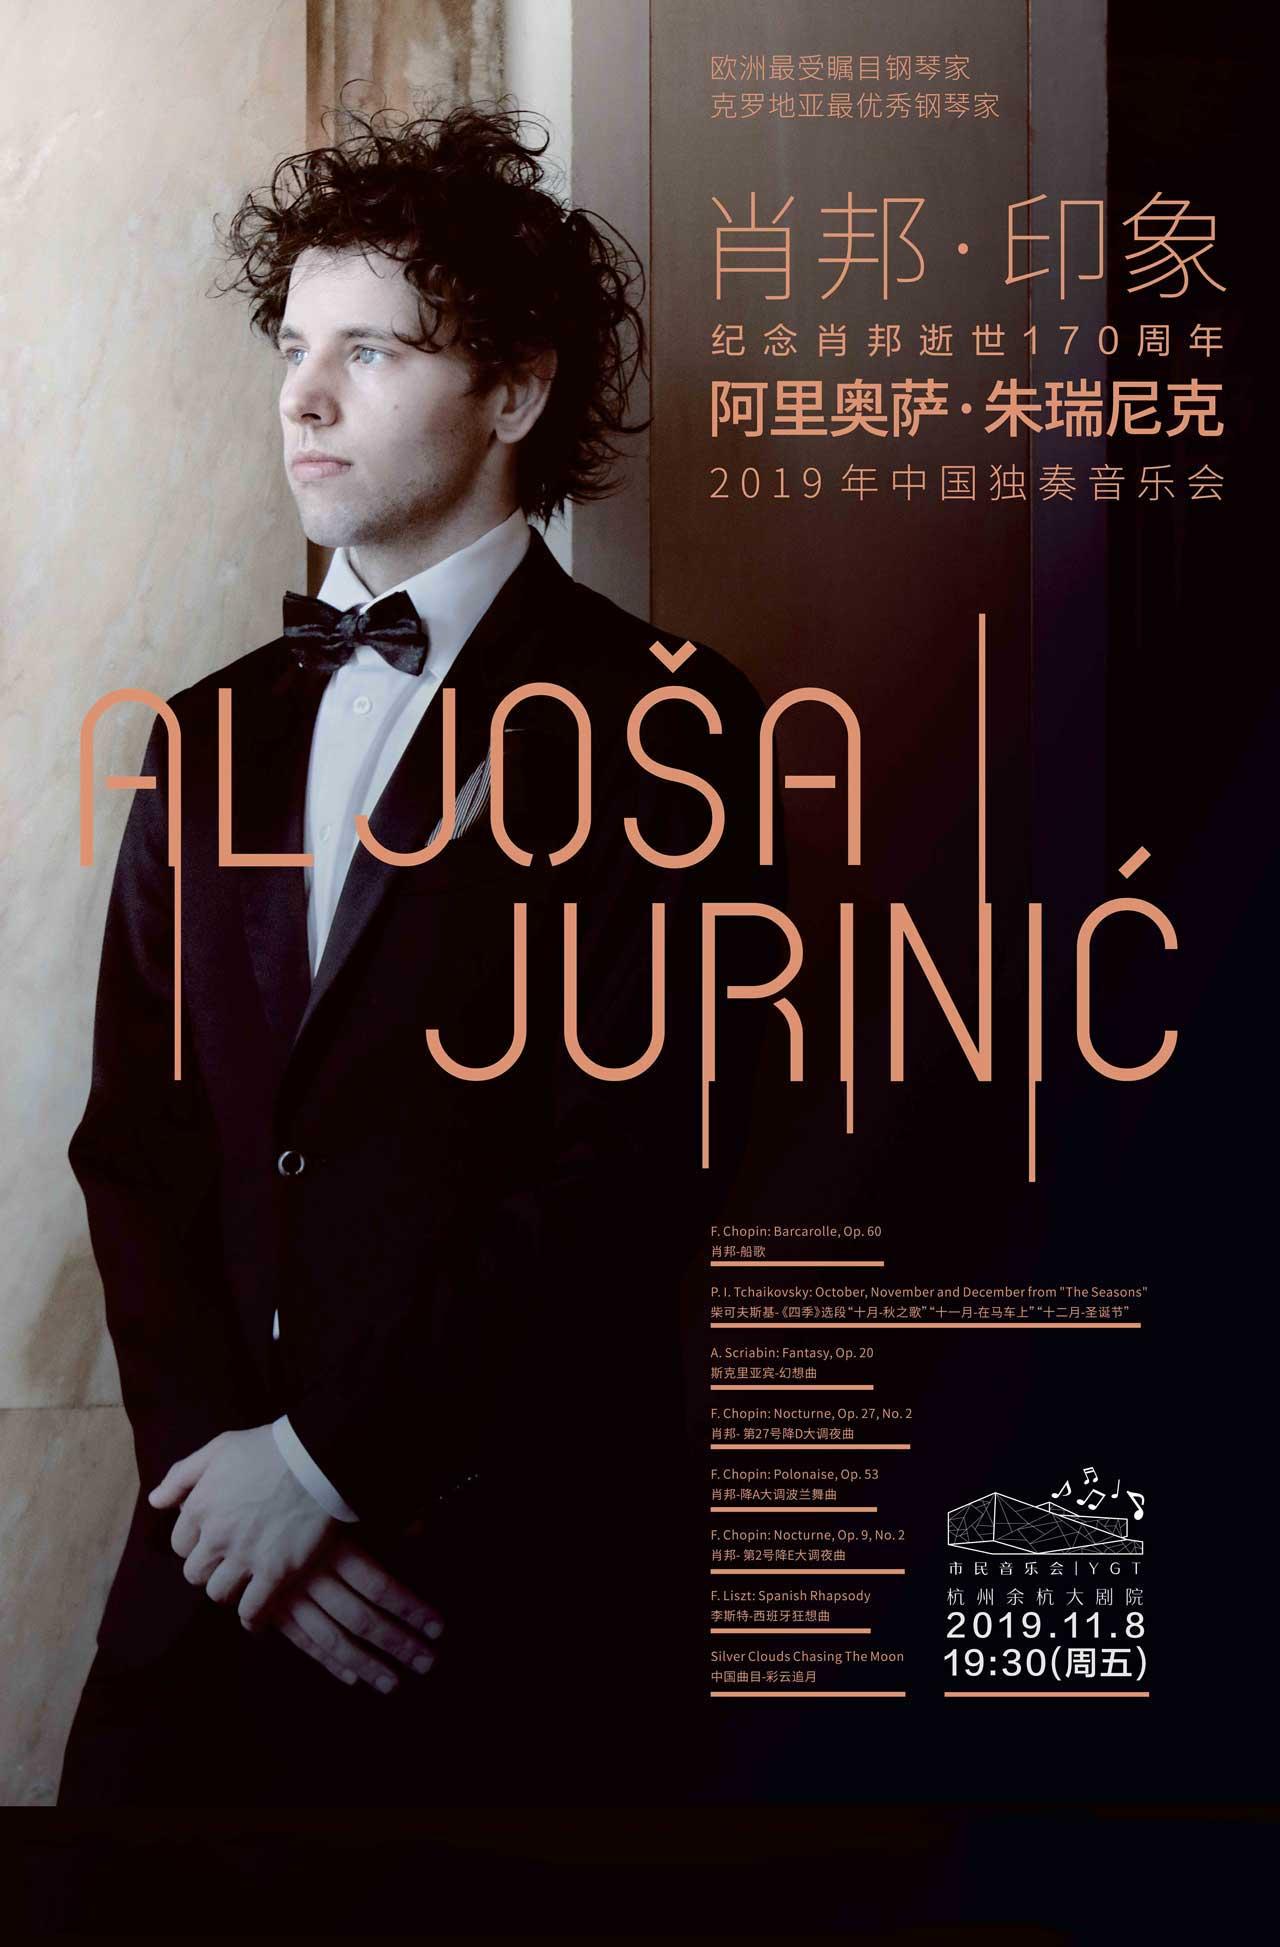 《肖邦・印象――纪念肖邦逝世170周年 克罗地亚钢琴家阿里奥萨・朱瑞尼克独奏音乐会》杭州站